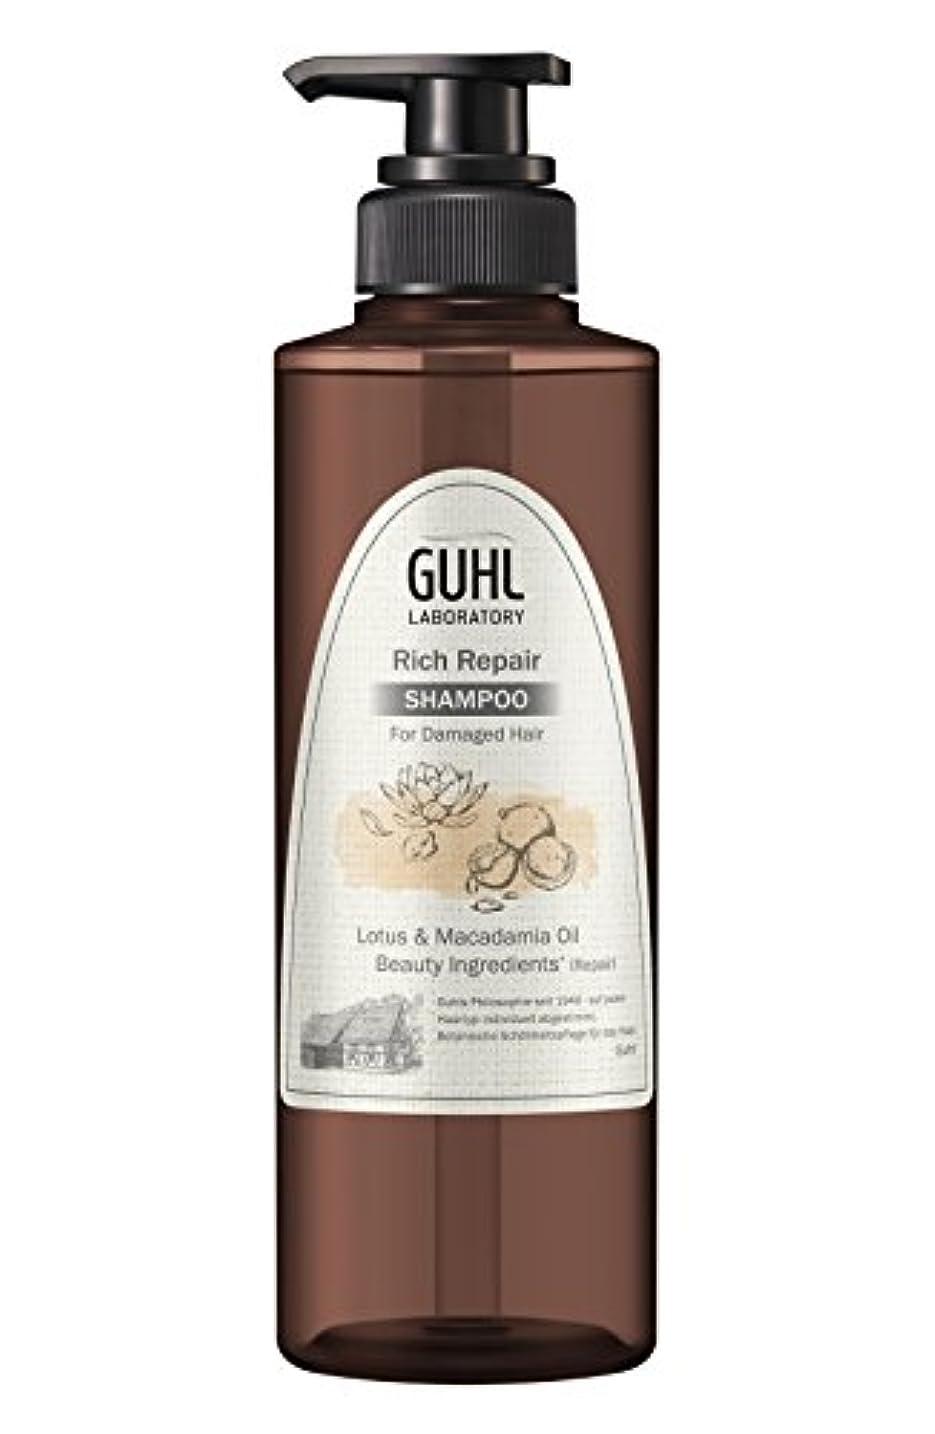 発疹単にユーモラスグール ラボラトリー シャンプー (ダメージのある髪へ) 植物美容 ヘアケア [ノンシリコン 処方] リッチリペア 430ml